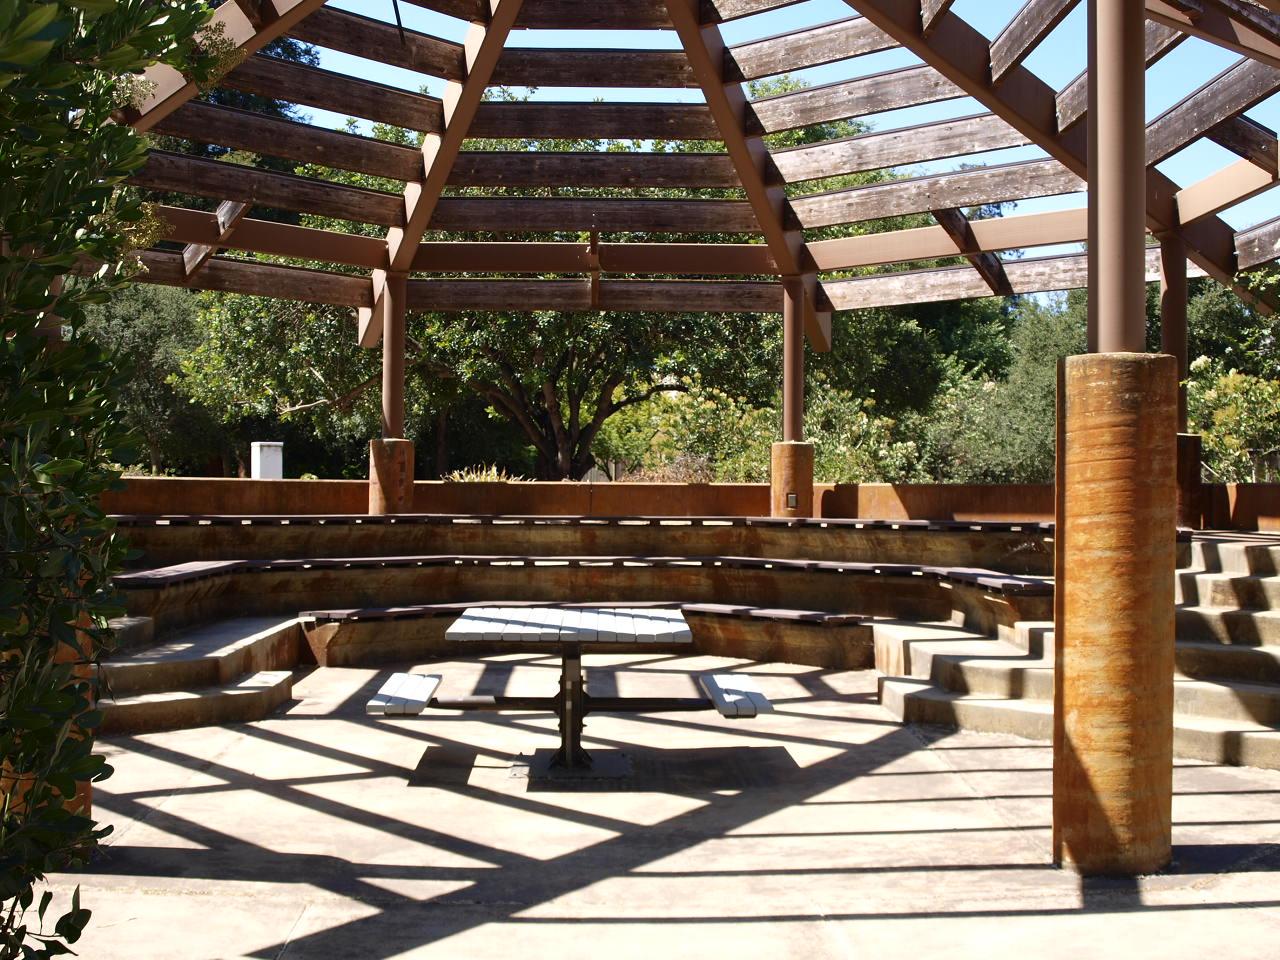 Coyote Creek Outdoor Classroom Santa Clara Valley Water